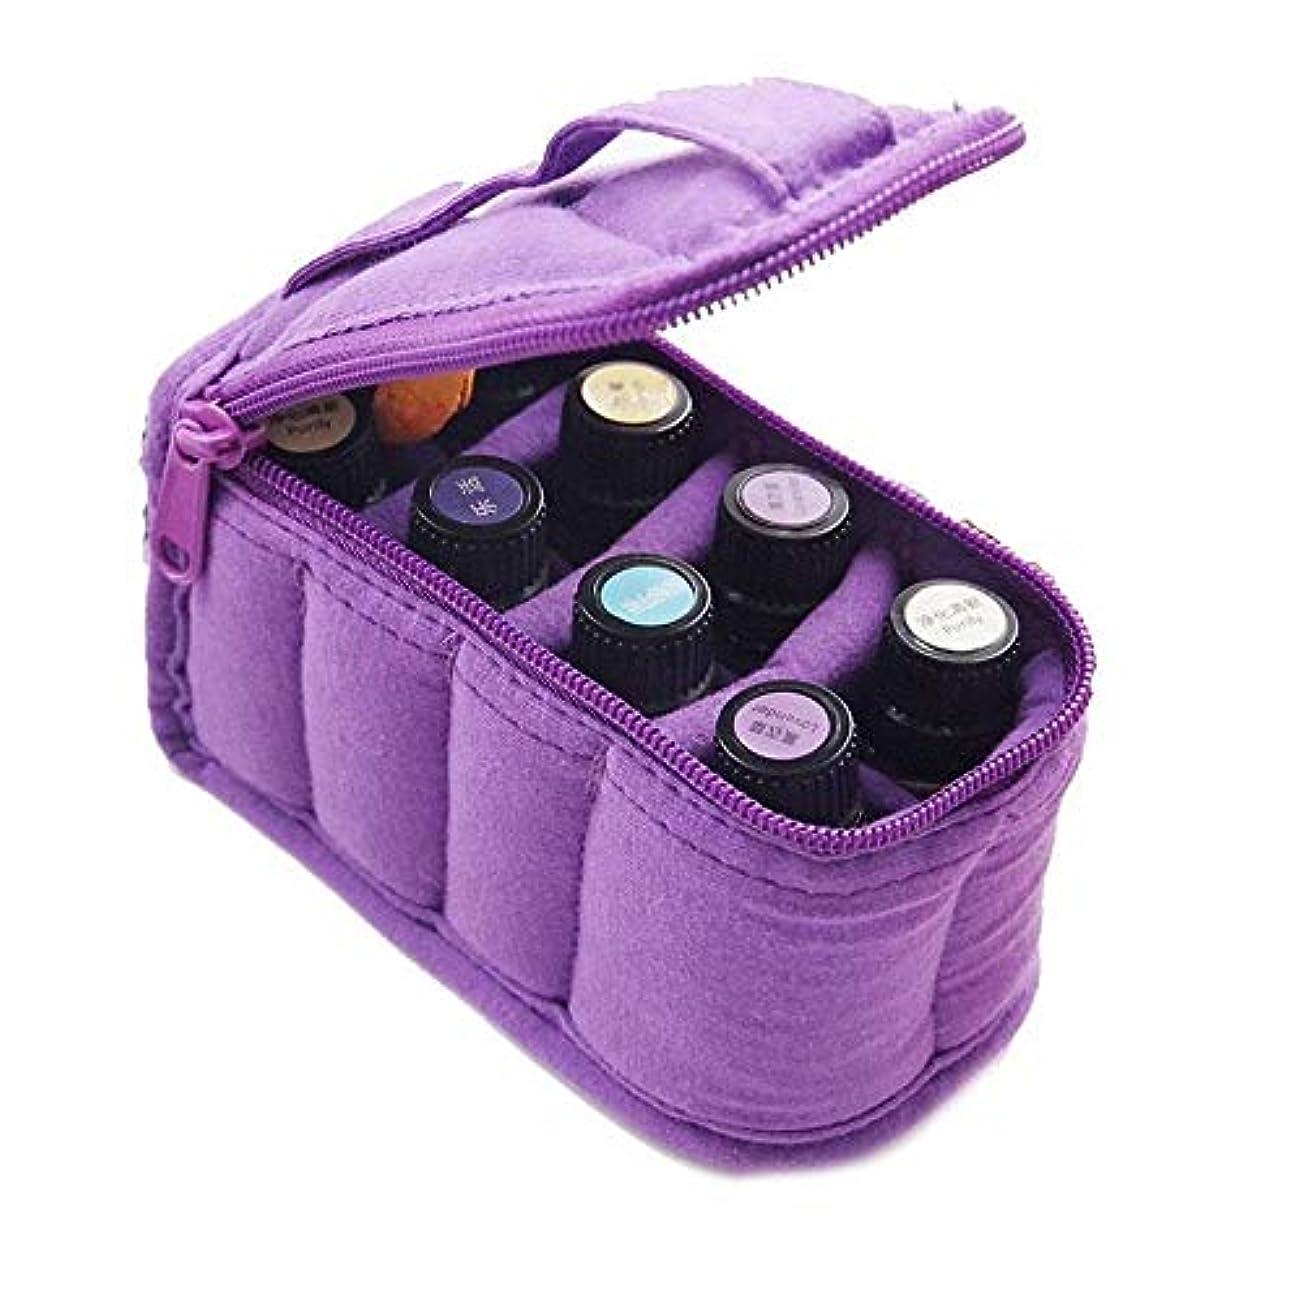 お父さん妖精一緒エッセンシャルオイルボックス 10-15MLオイルオーガナイザーバッグは、フロントオイルホルスターに高レベルの保護を扱います アロマセラピー収納ボックス (色 : 紫の, サイズ : 13X7X7.5CM)